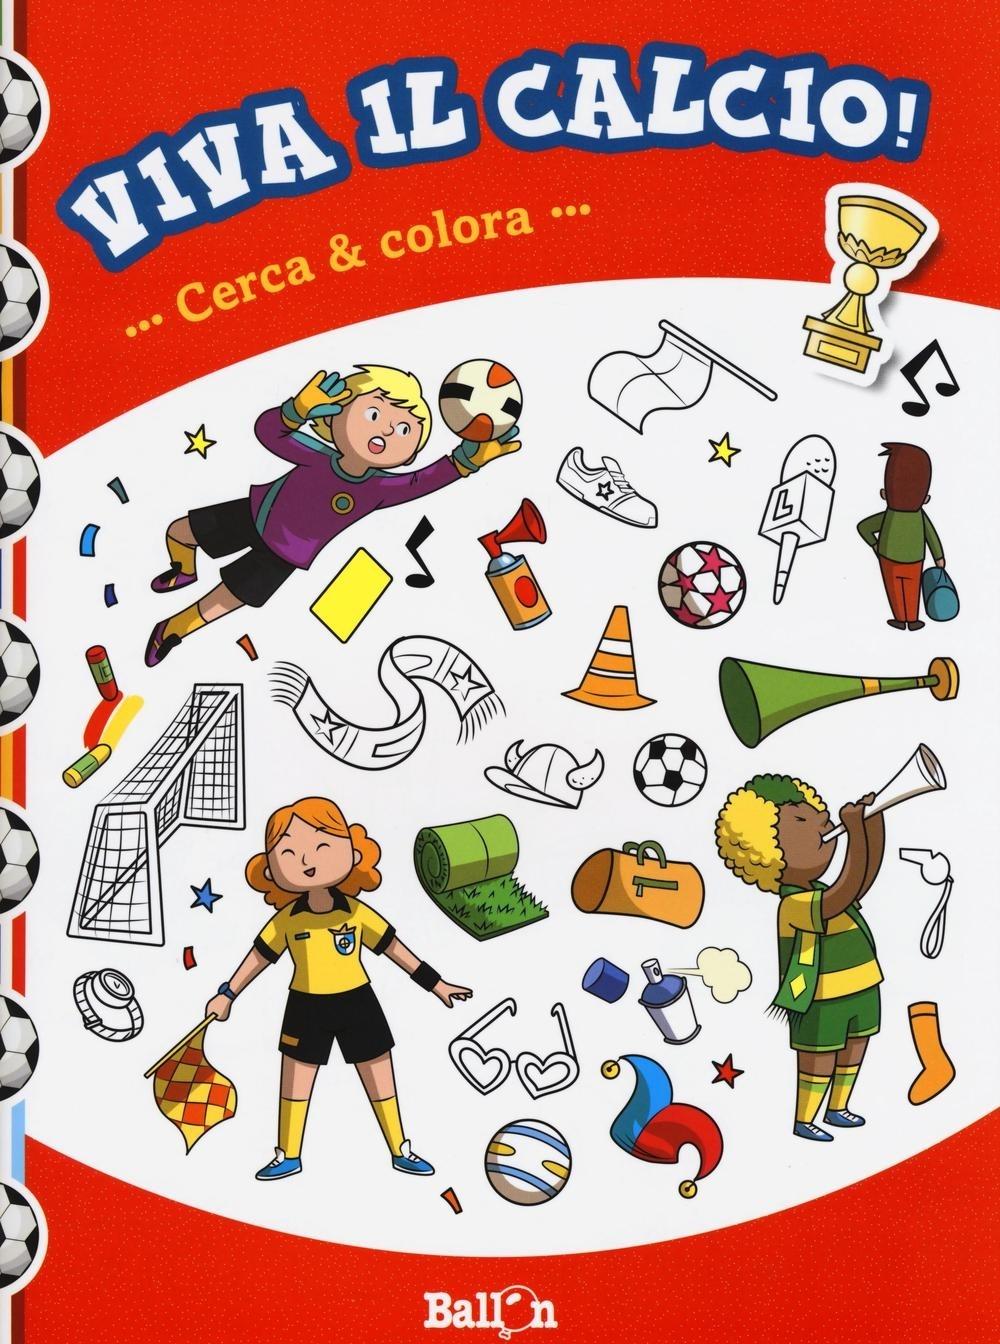 Cerca & colora. Viva il calcio! Ediz. illustrata